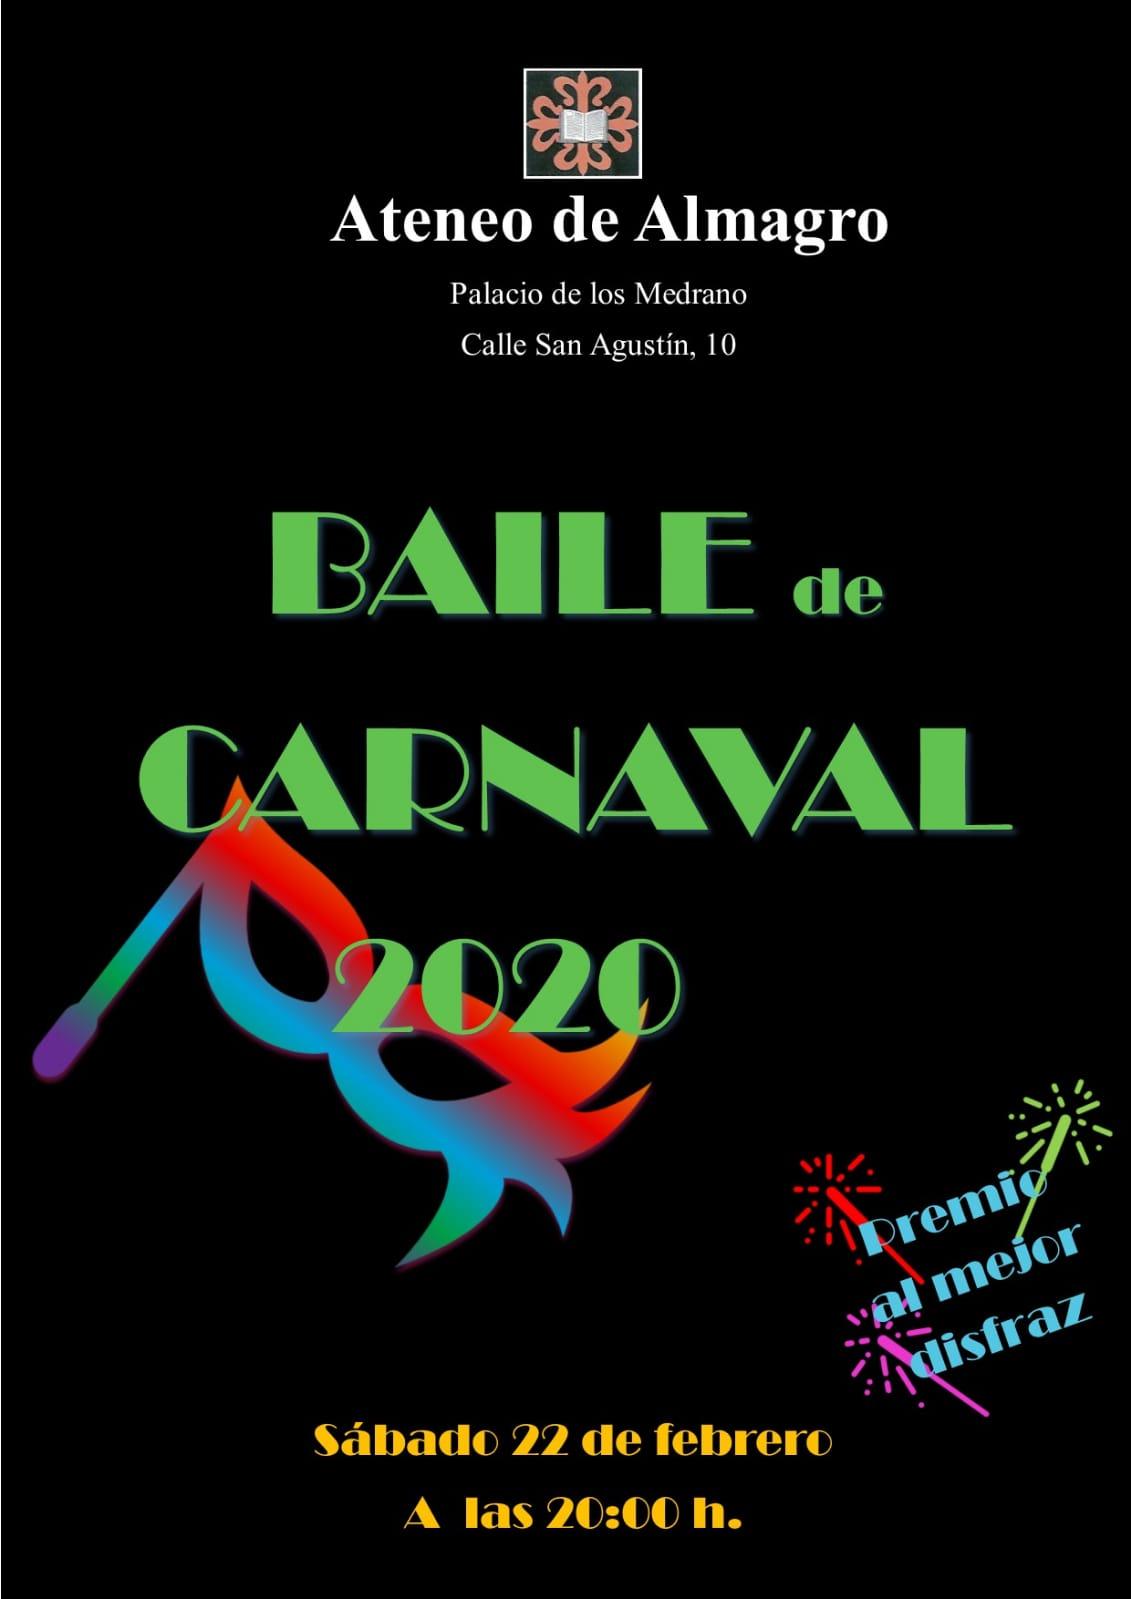 BAILE DE CARNAVAL 2020 @ Sede del Ateneo, Palacio de Los Medrano